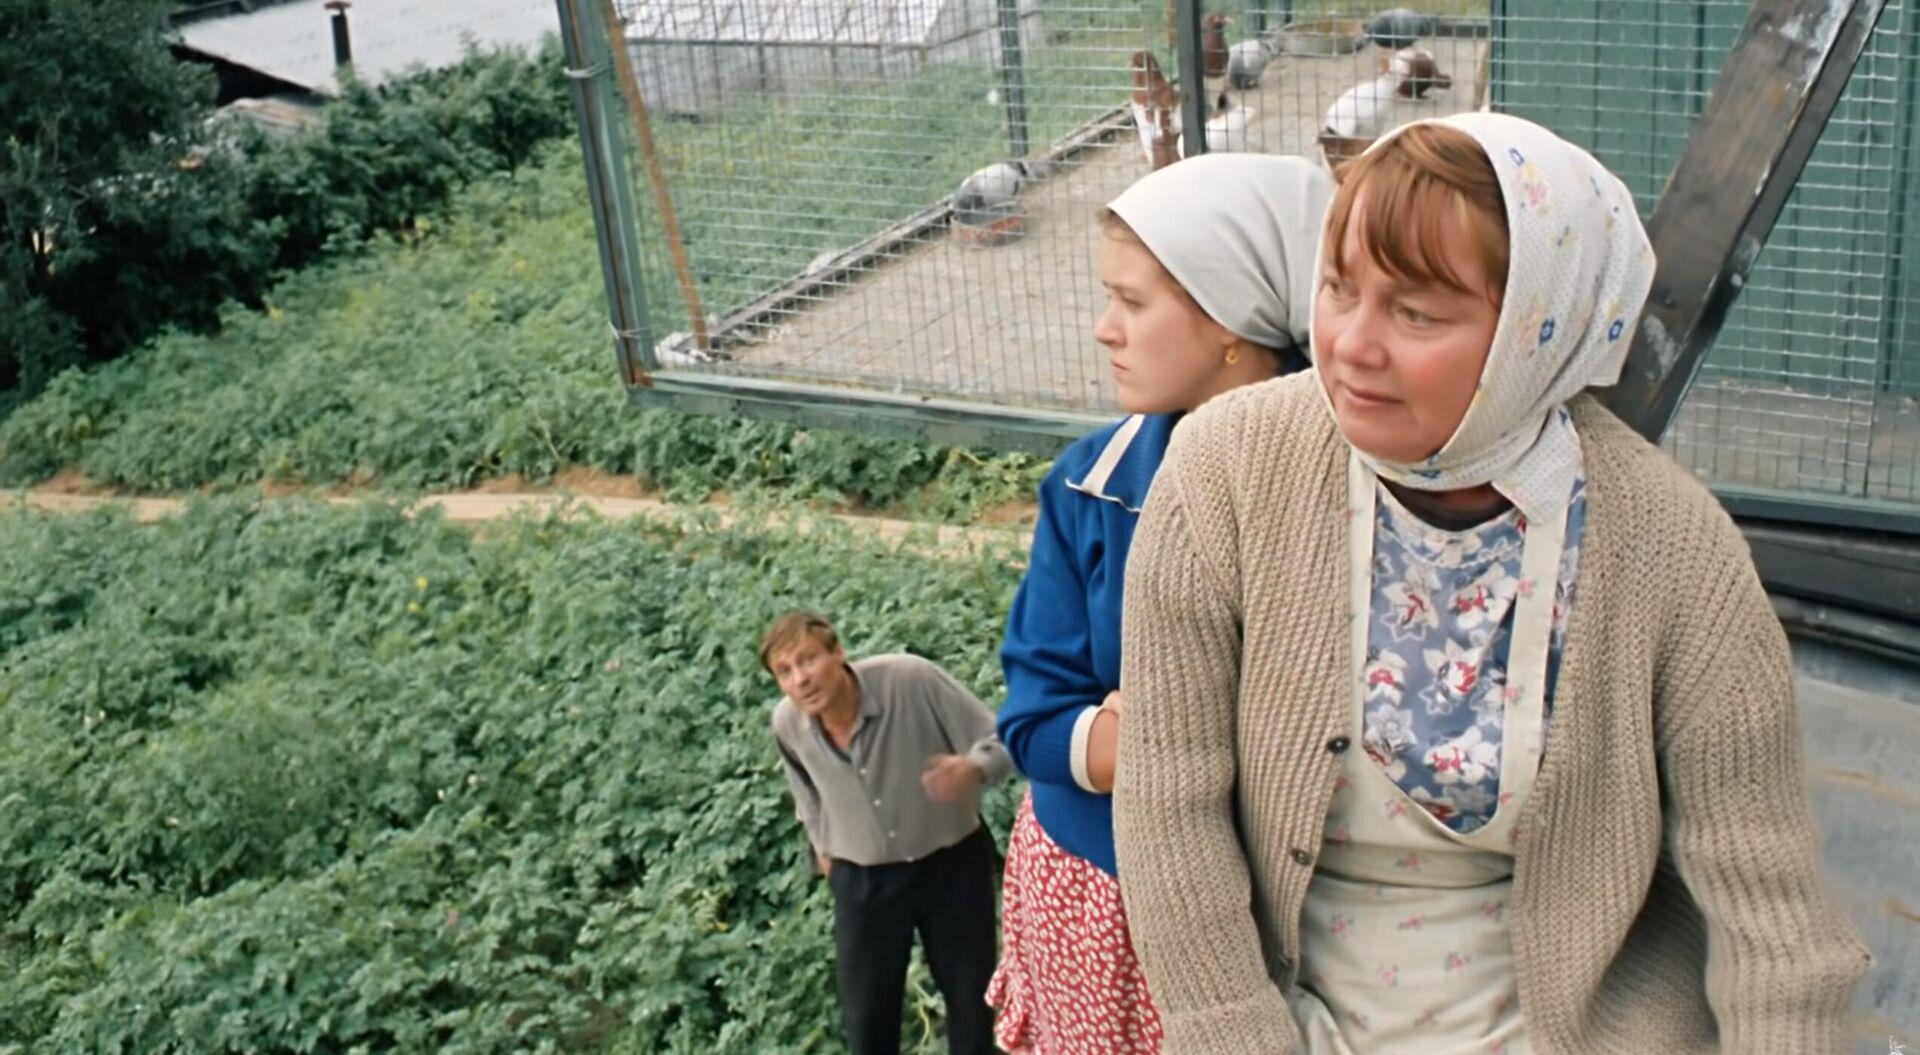 Кадр из кинофильма Любовь и голуби - Sputnik Таджикистан, 1920, 05.07.2021